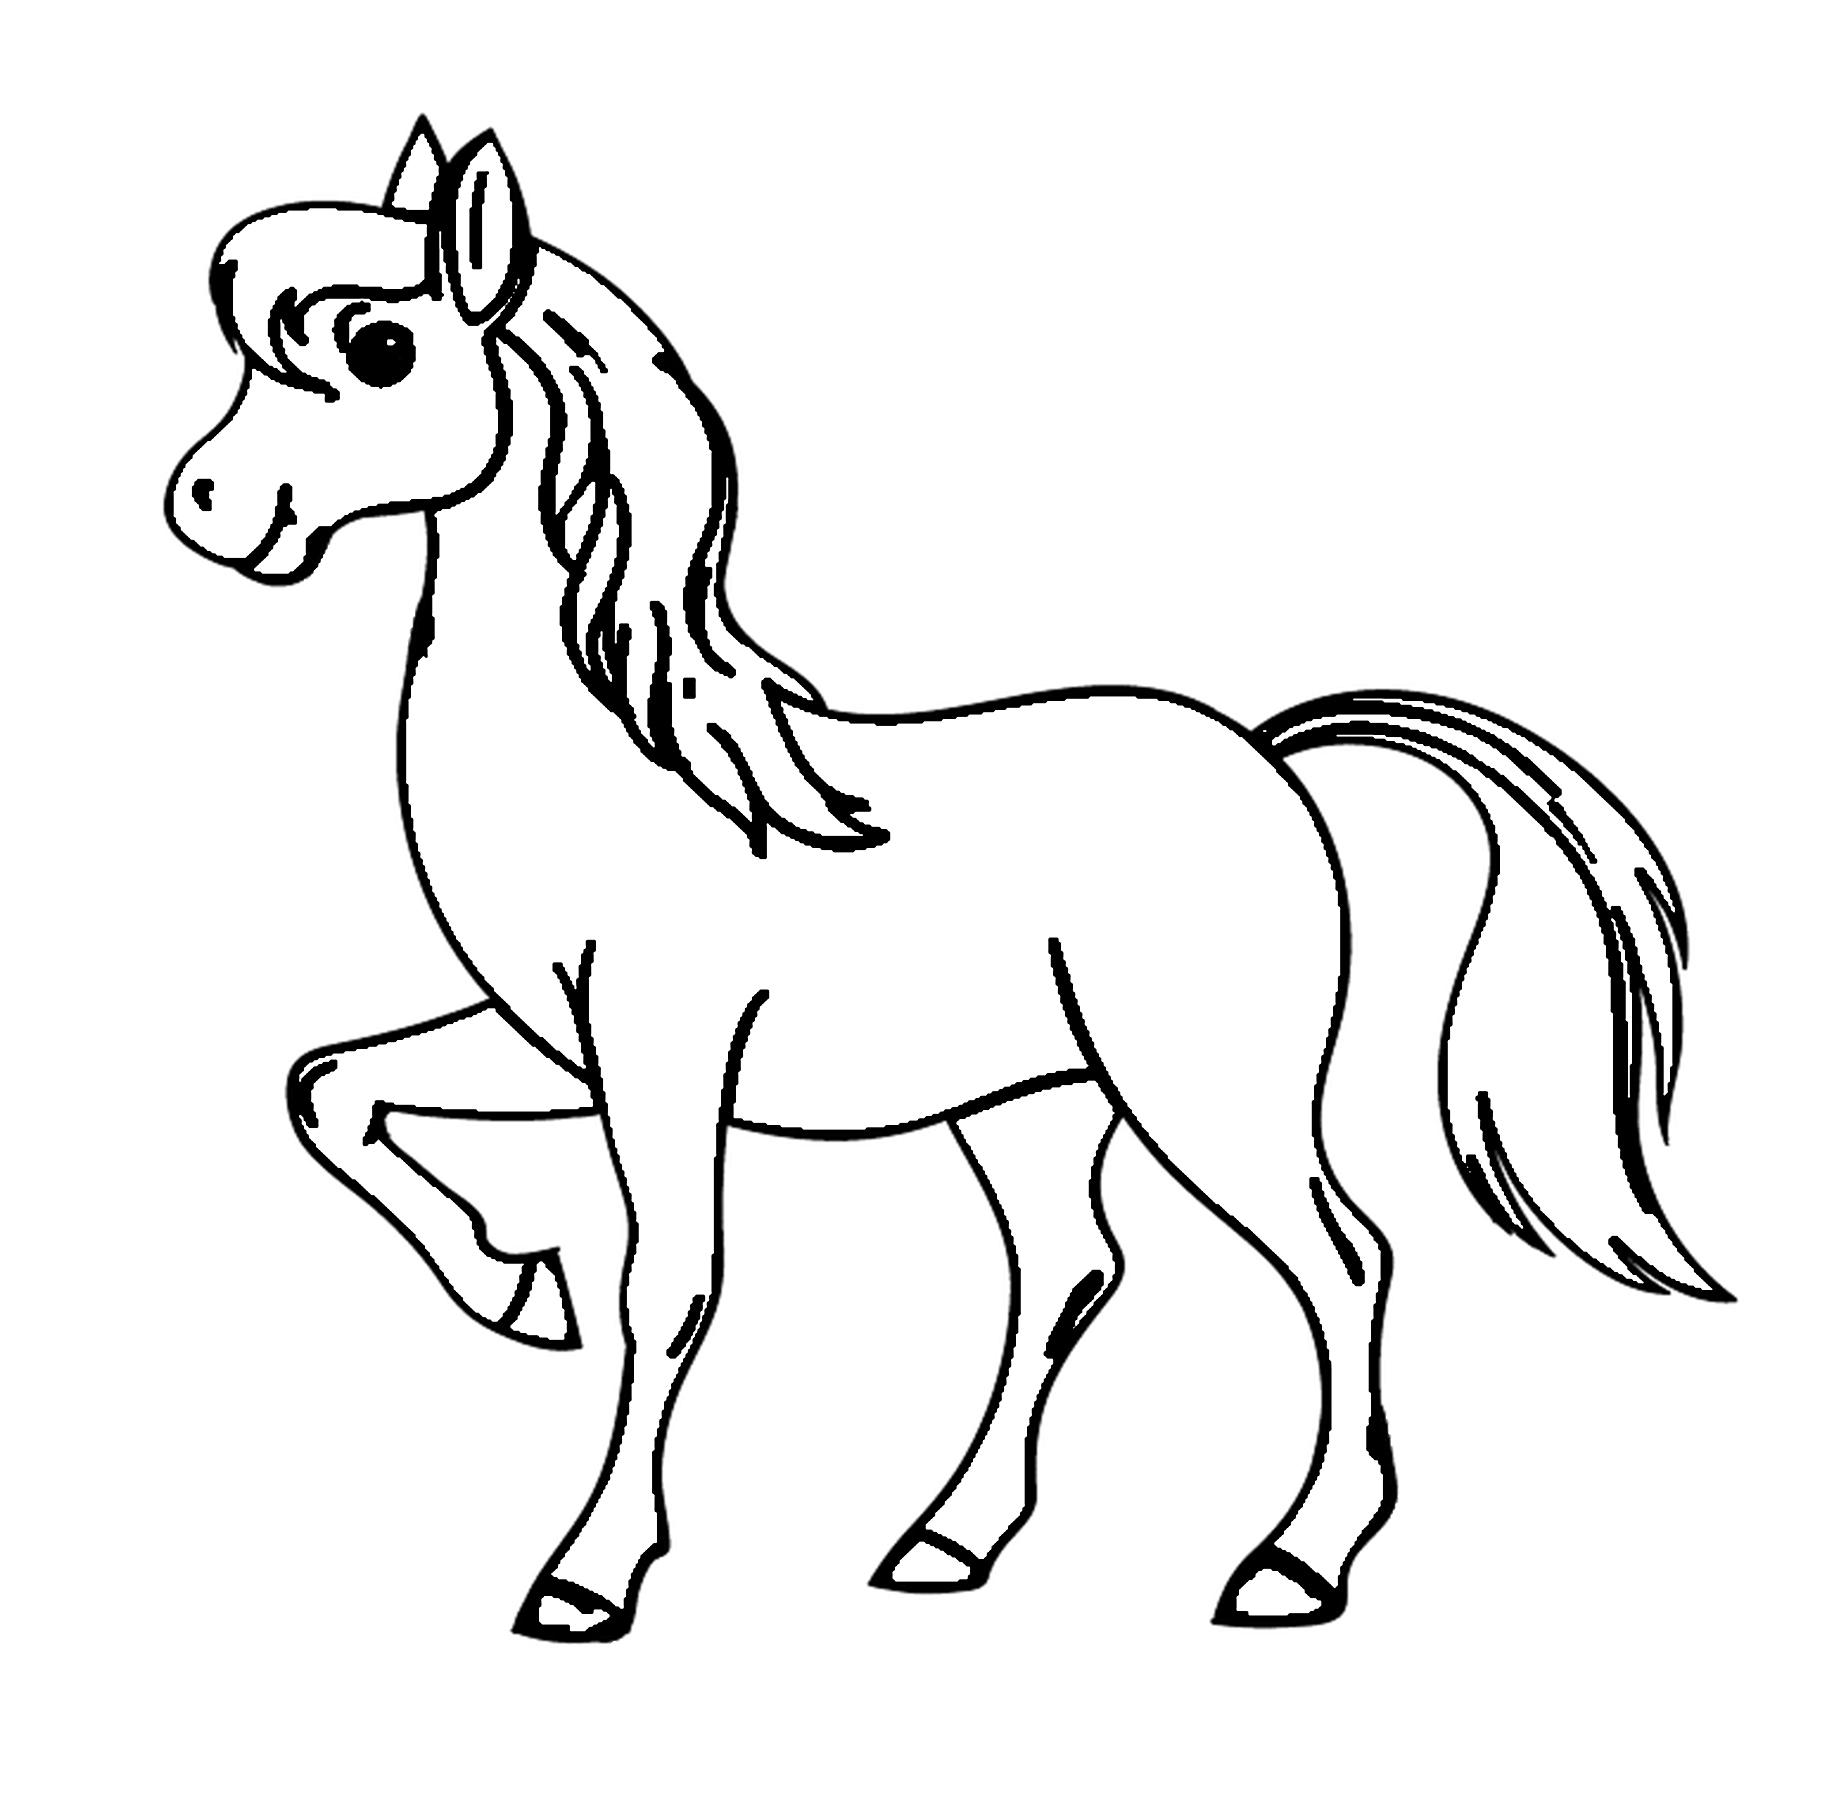 Pferde Ausmalbilder Kostenlos Malvorlagen Windowcolor zum ...